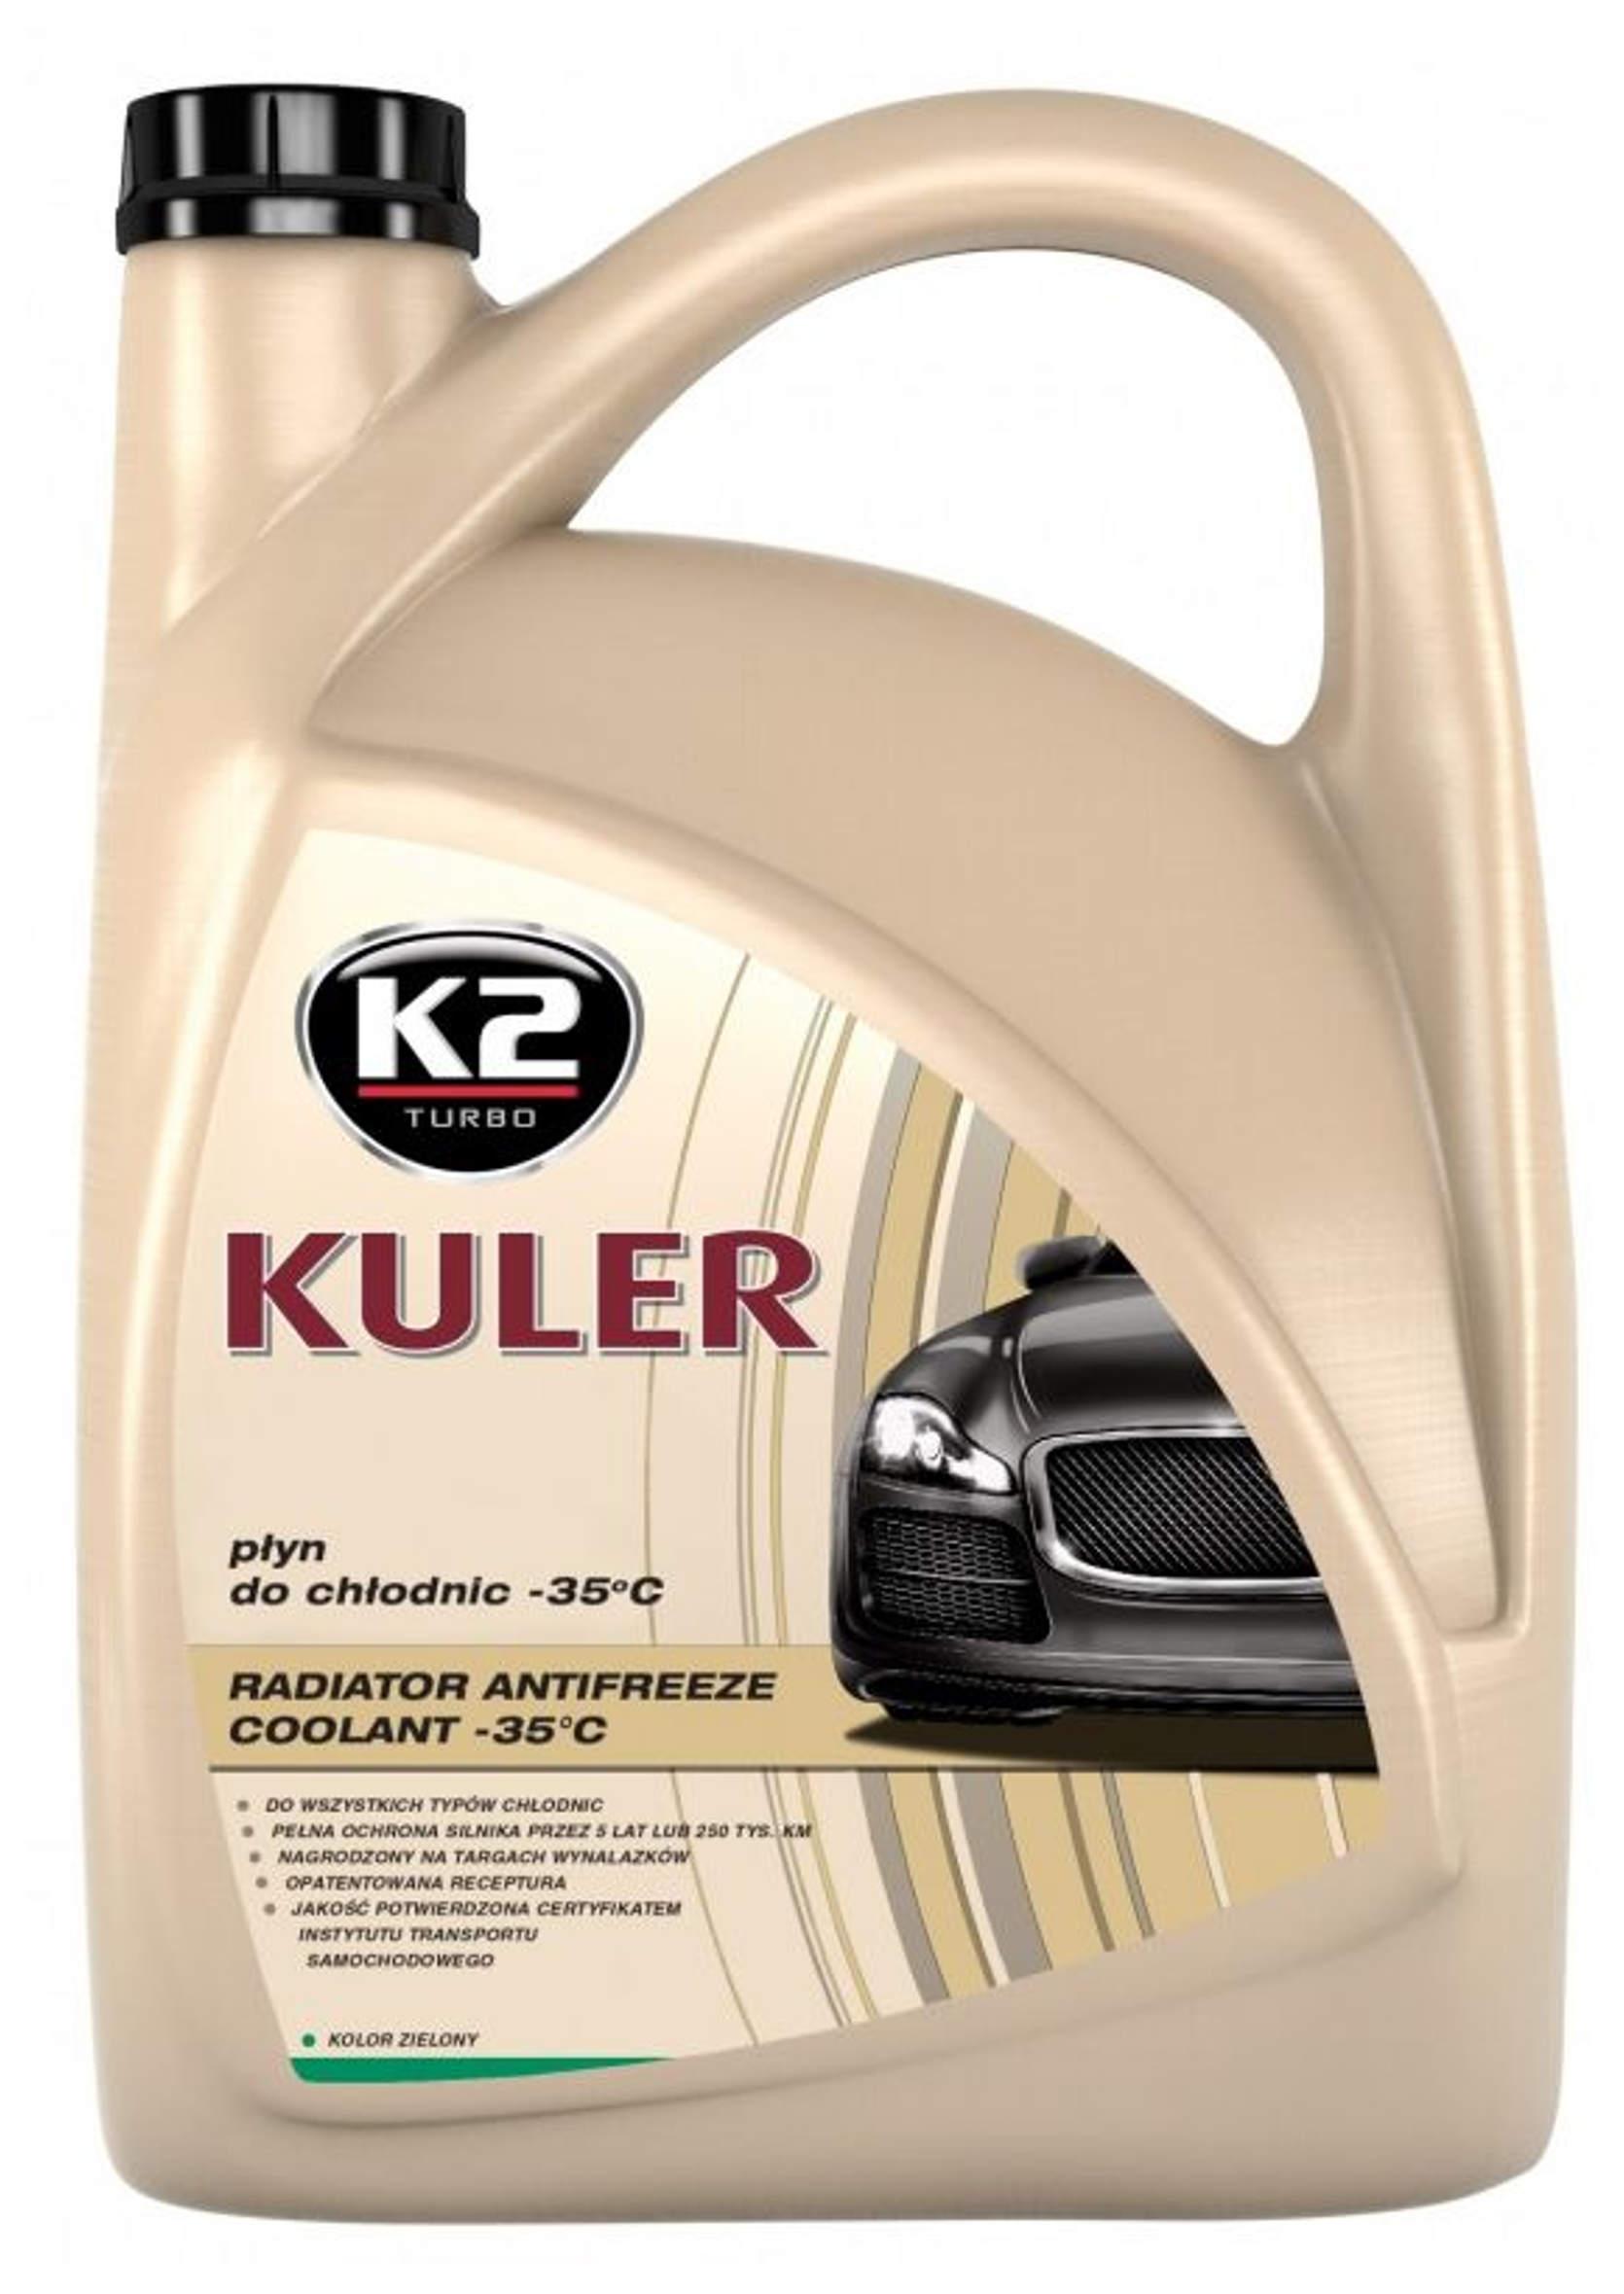 K2 Kuler 5L Płyn do chłodnic samochodowych Zielony -35C